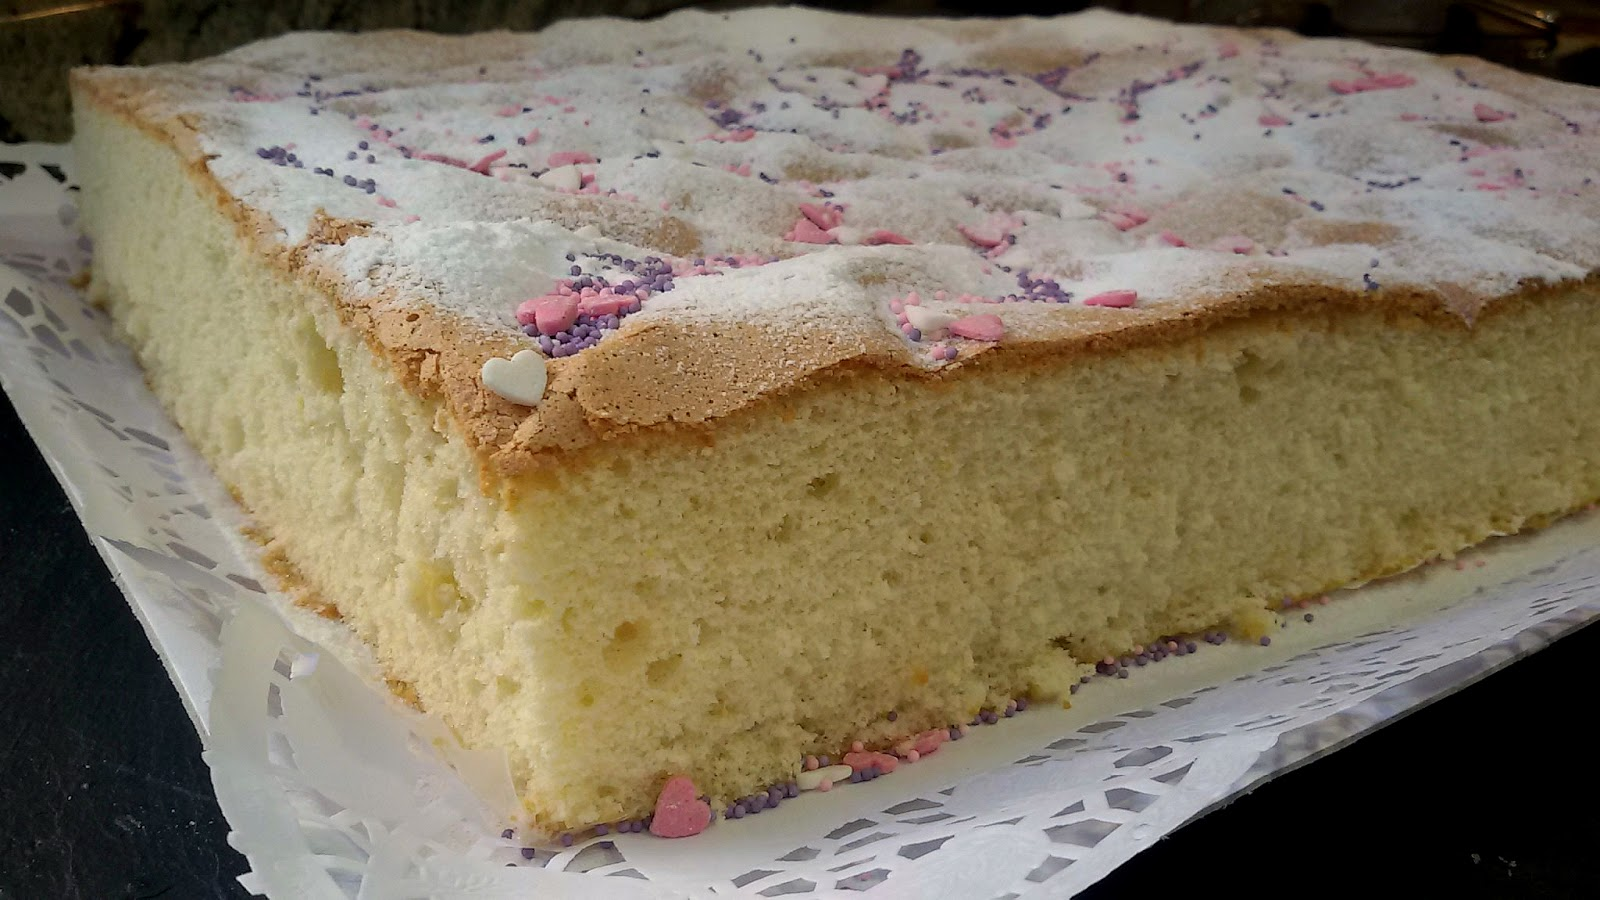 10 recetas dulces y saladas para celebrar cumplea os for Cumpleanos cocina para ninos